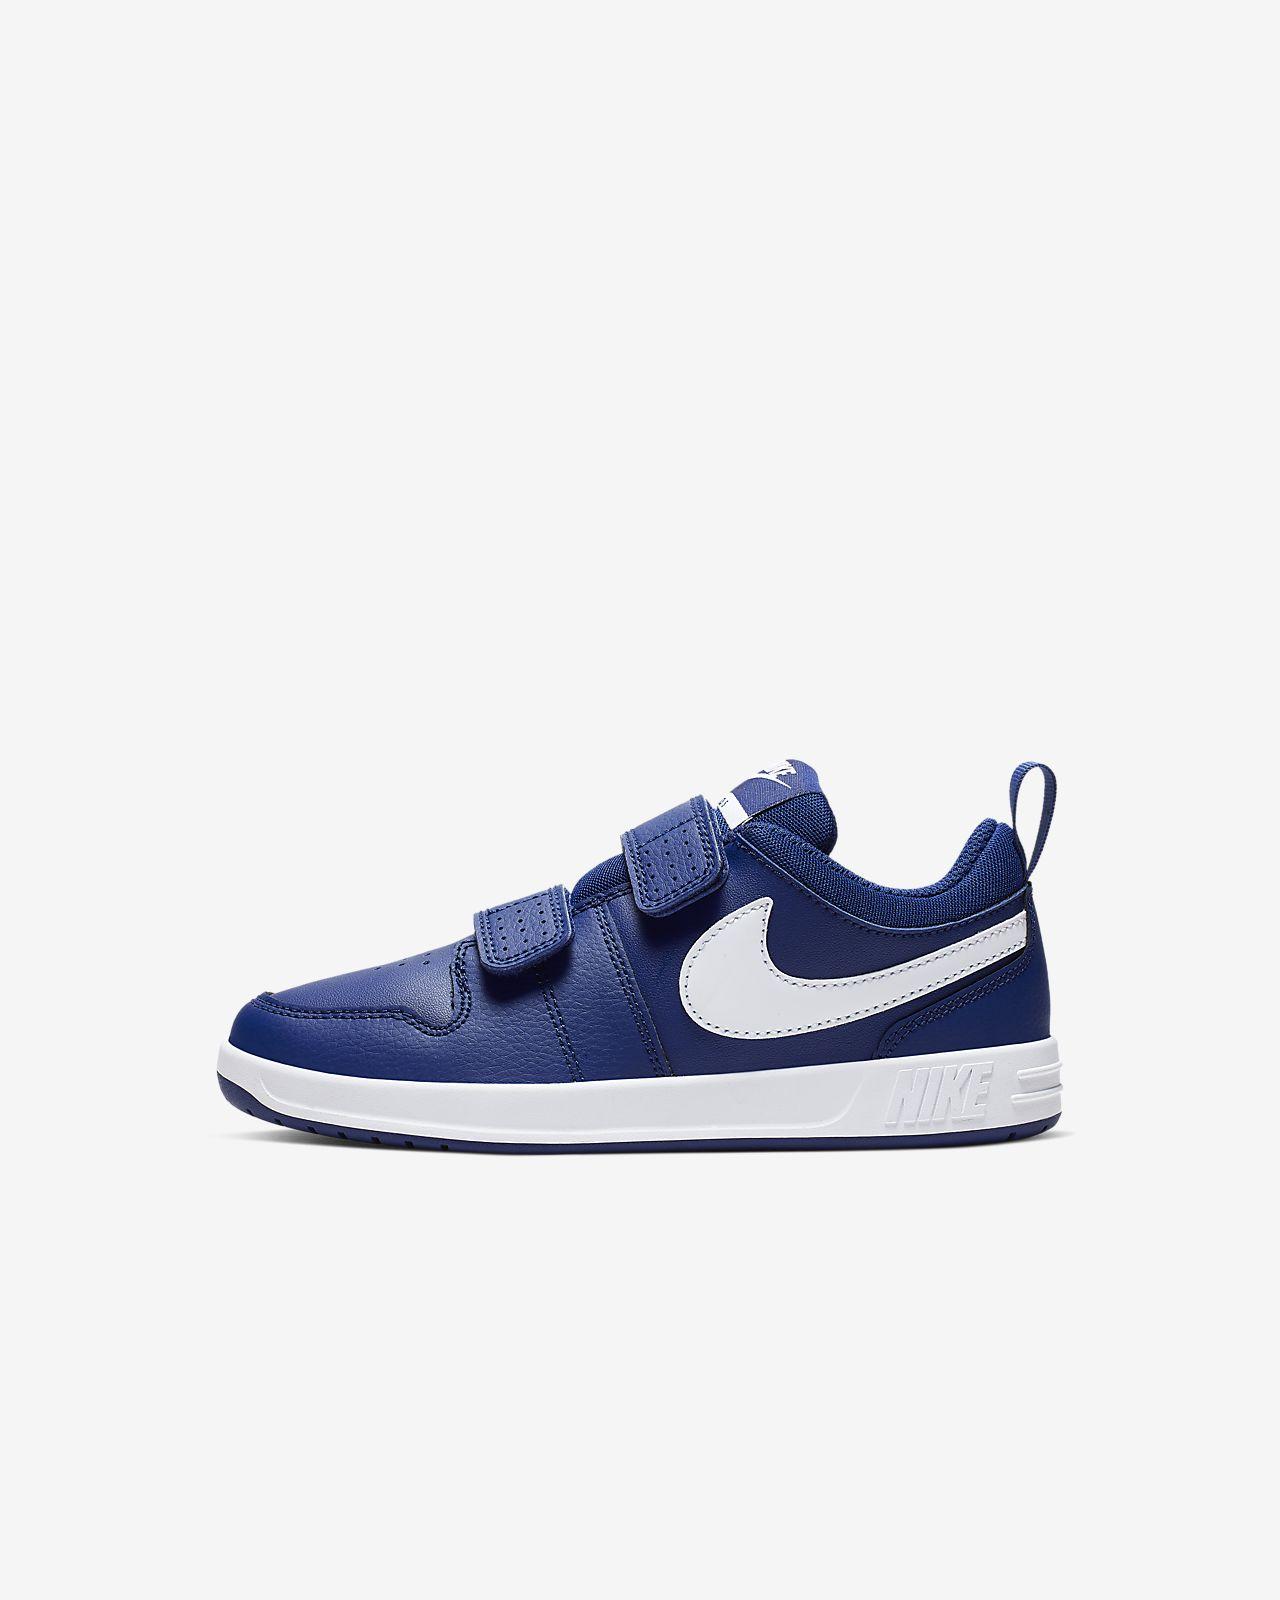 Nike Pico 5 cipő kisebb gyerekeknek